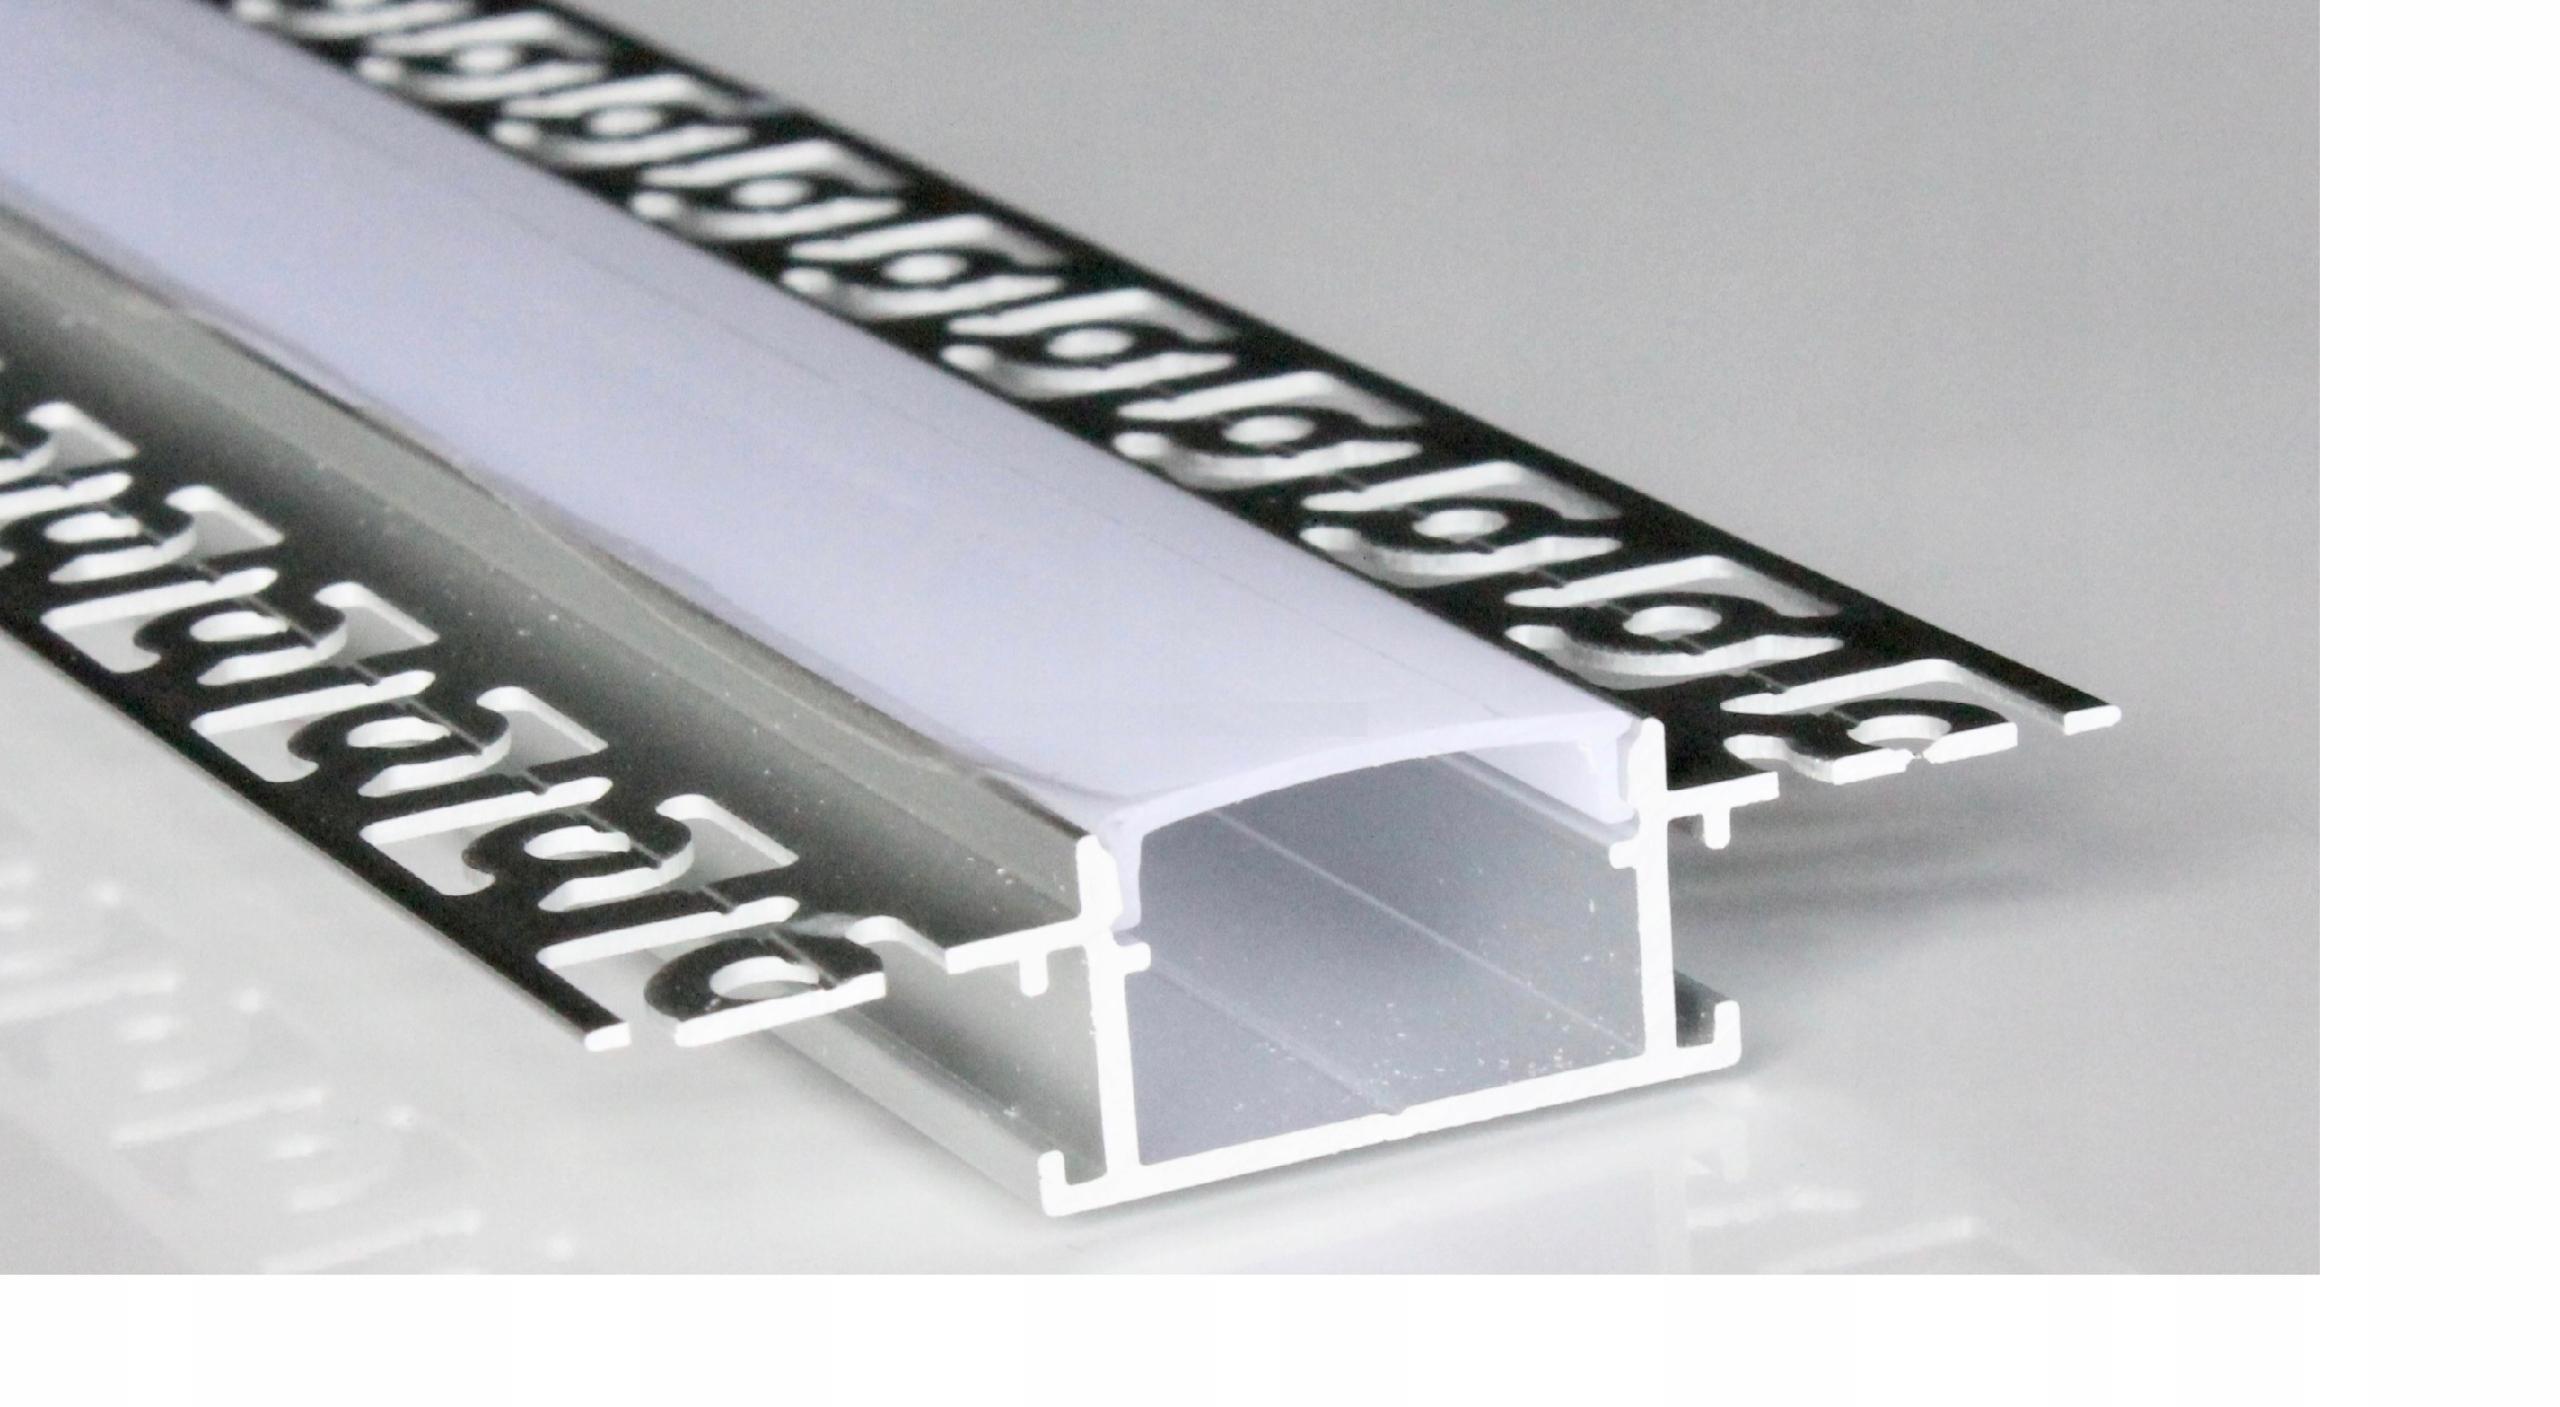 Анодированный алюминиевый светодиодный профиль, широкий, 1м кг